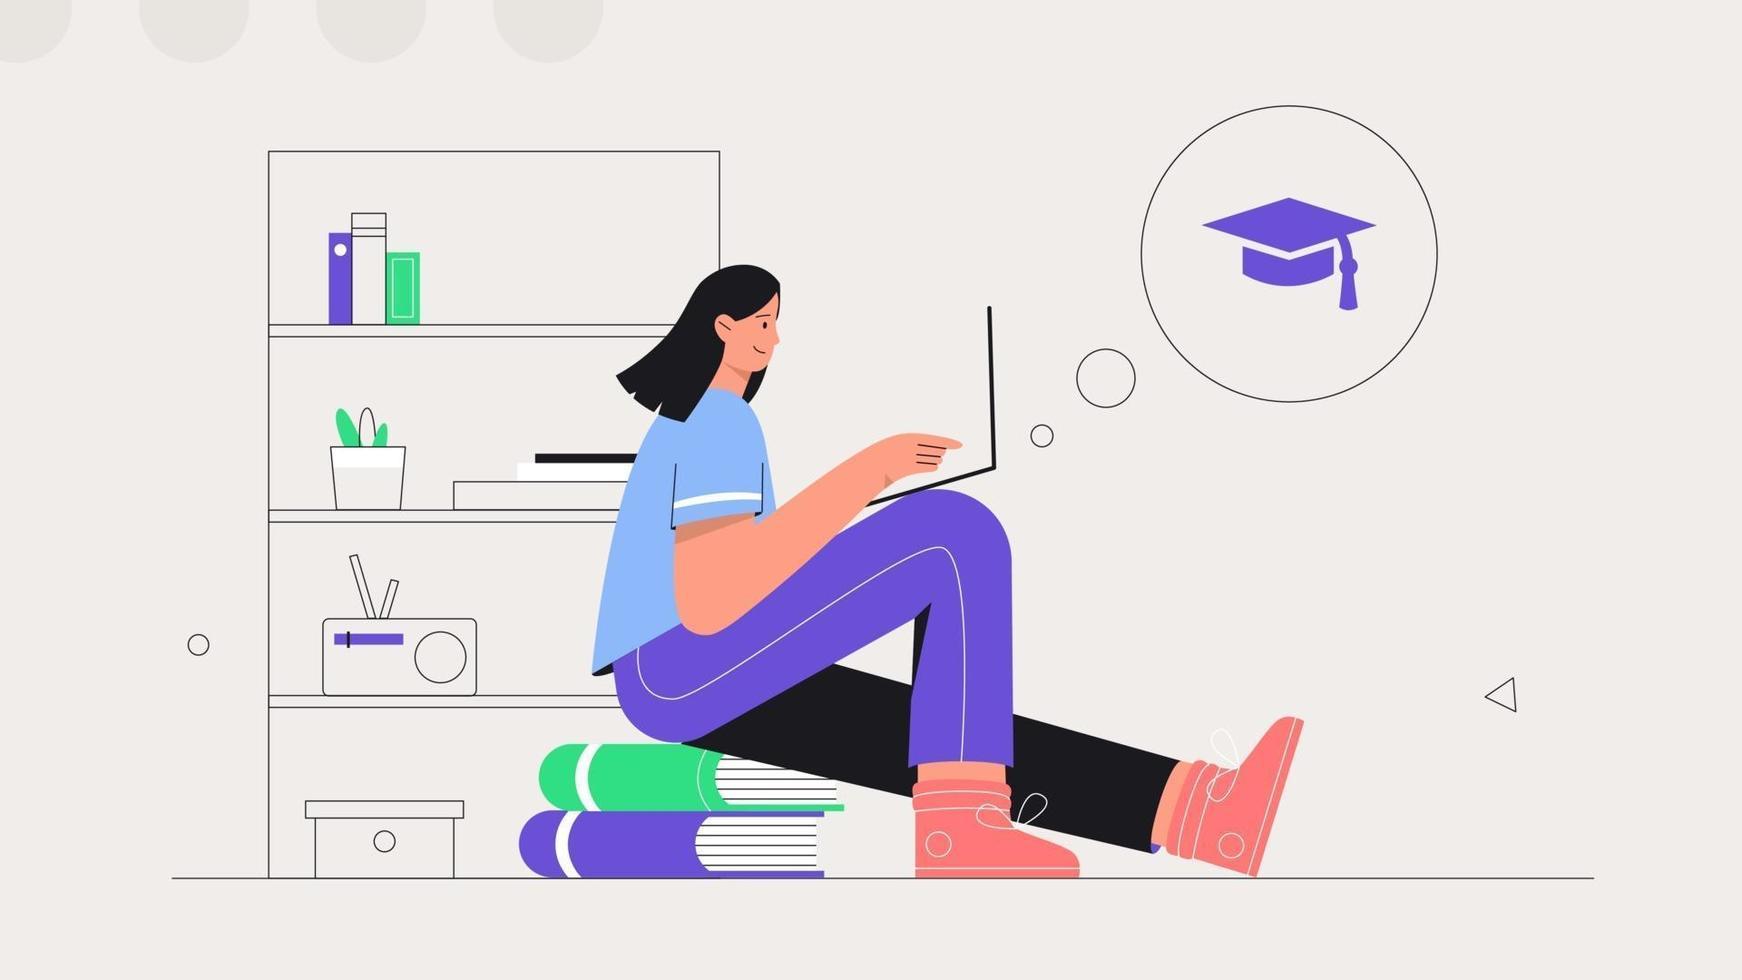 Schüler lernen online zu Hause. junge Frau sitzt auf einem Stapel Bücher und studiert online auf einem Laptop. flache Artvektorillustration. das Konzept des Fernunterrichts. vektor